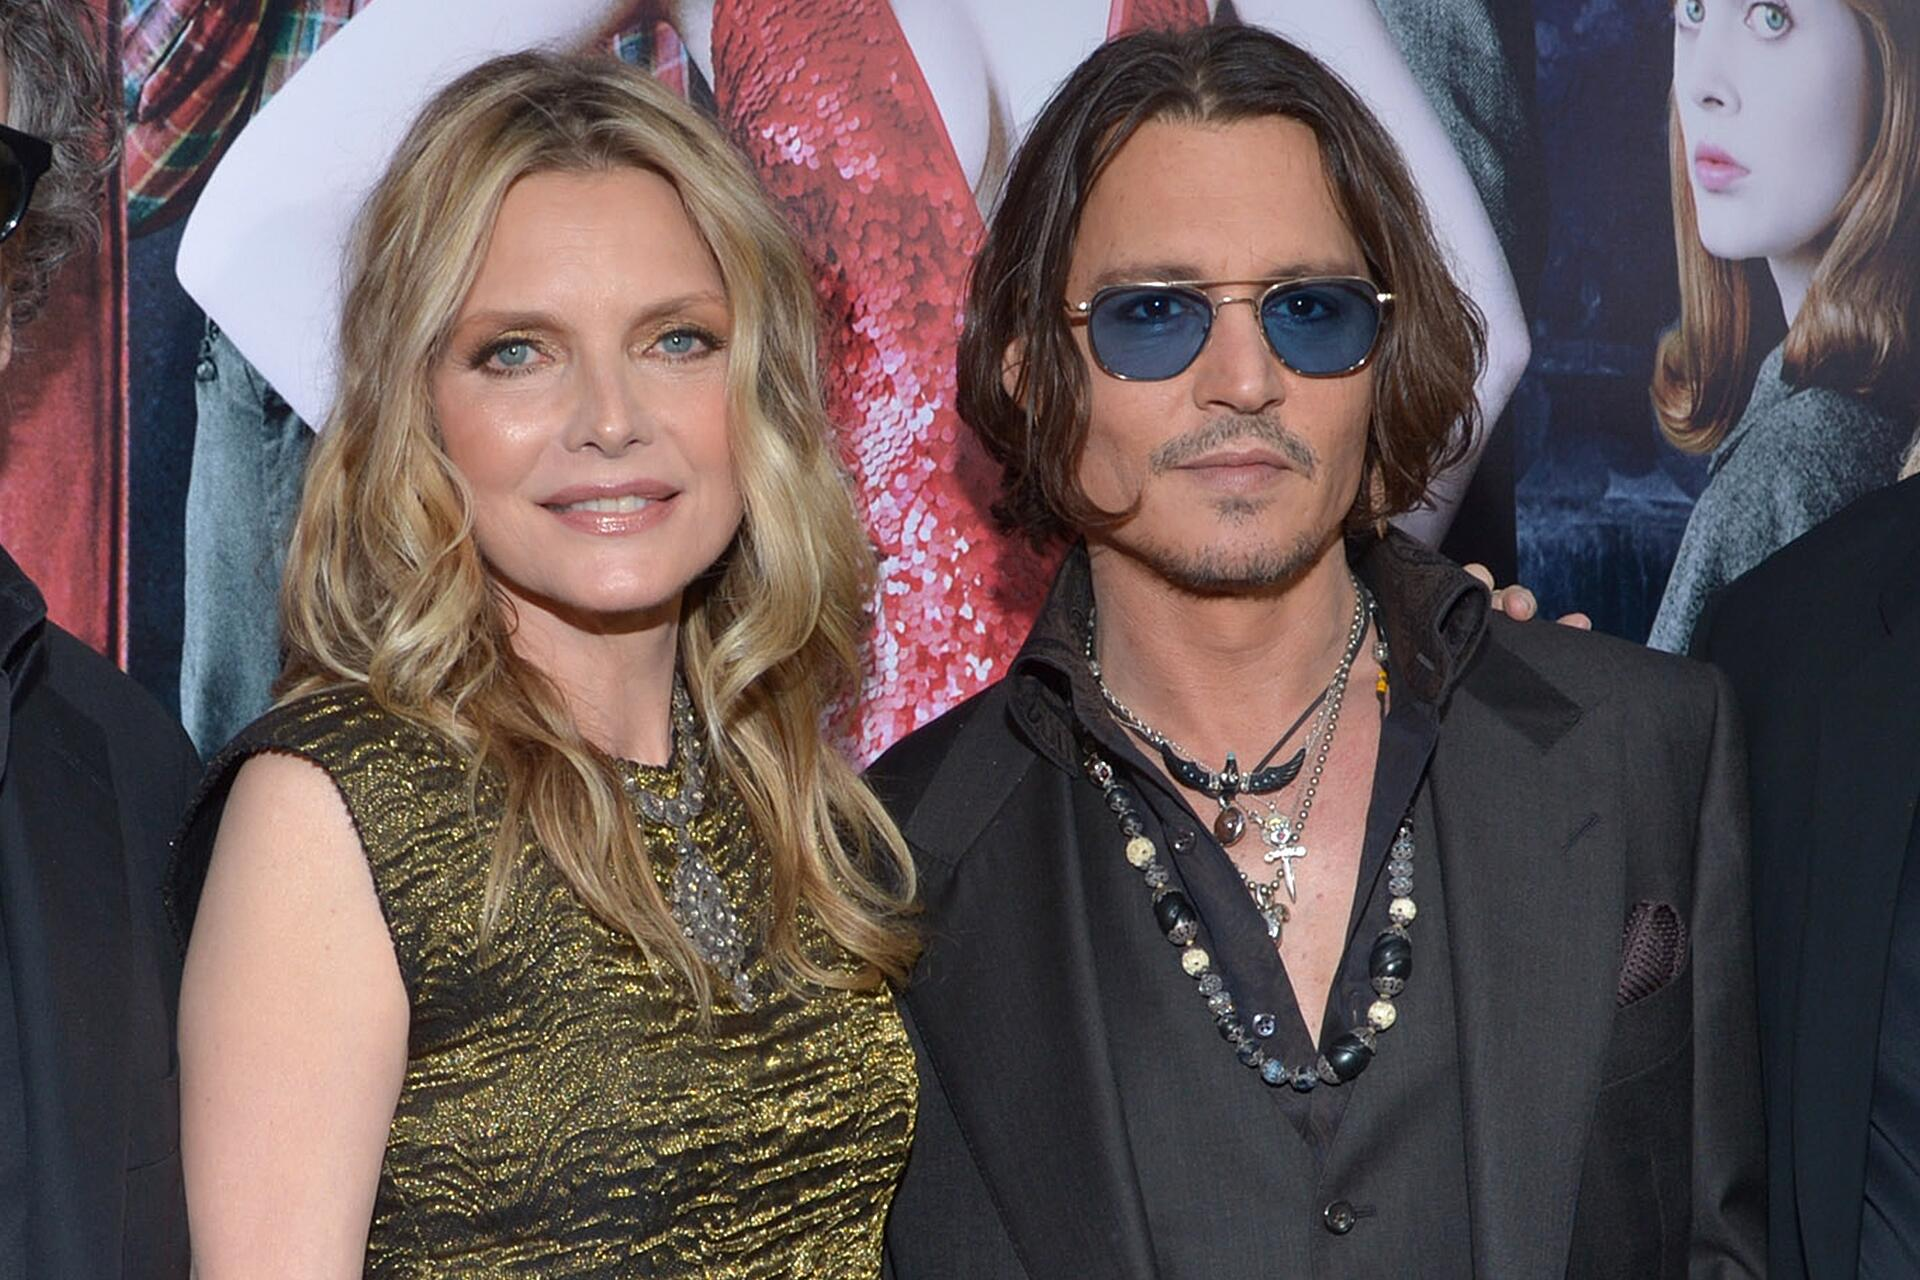 Bild zu Michelle Pfeiffer, Johnny Depp, Mord im Orient Express, 2017